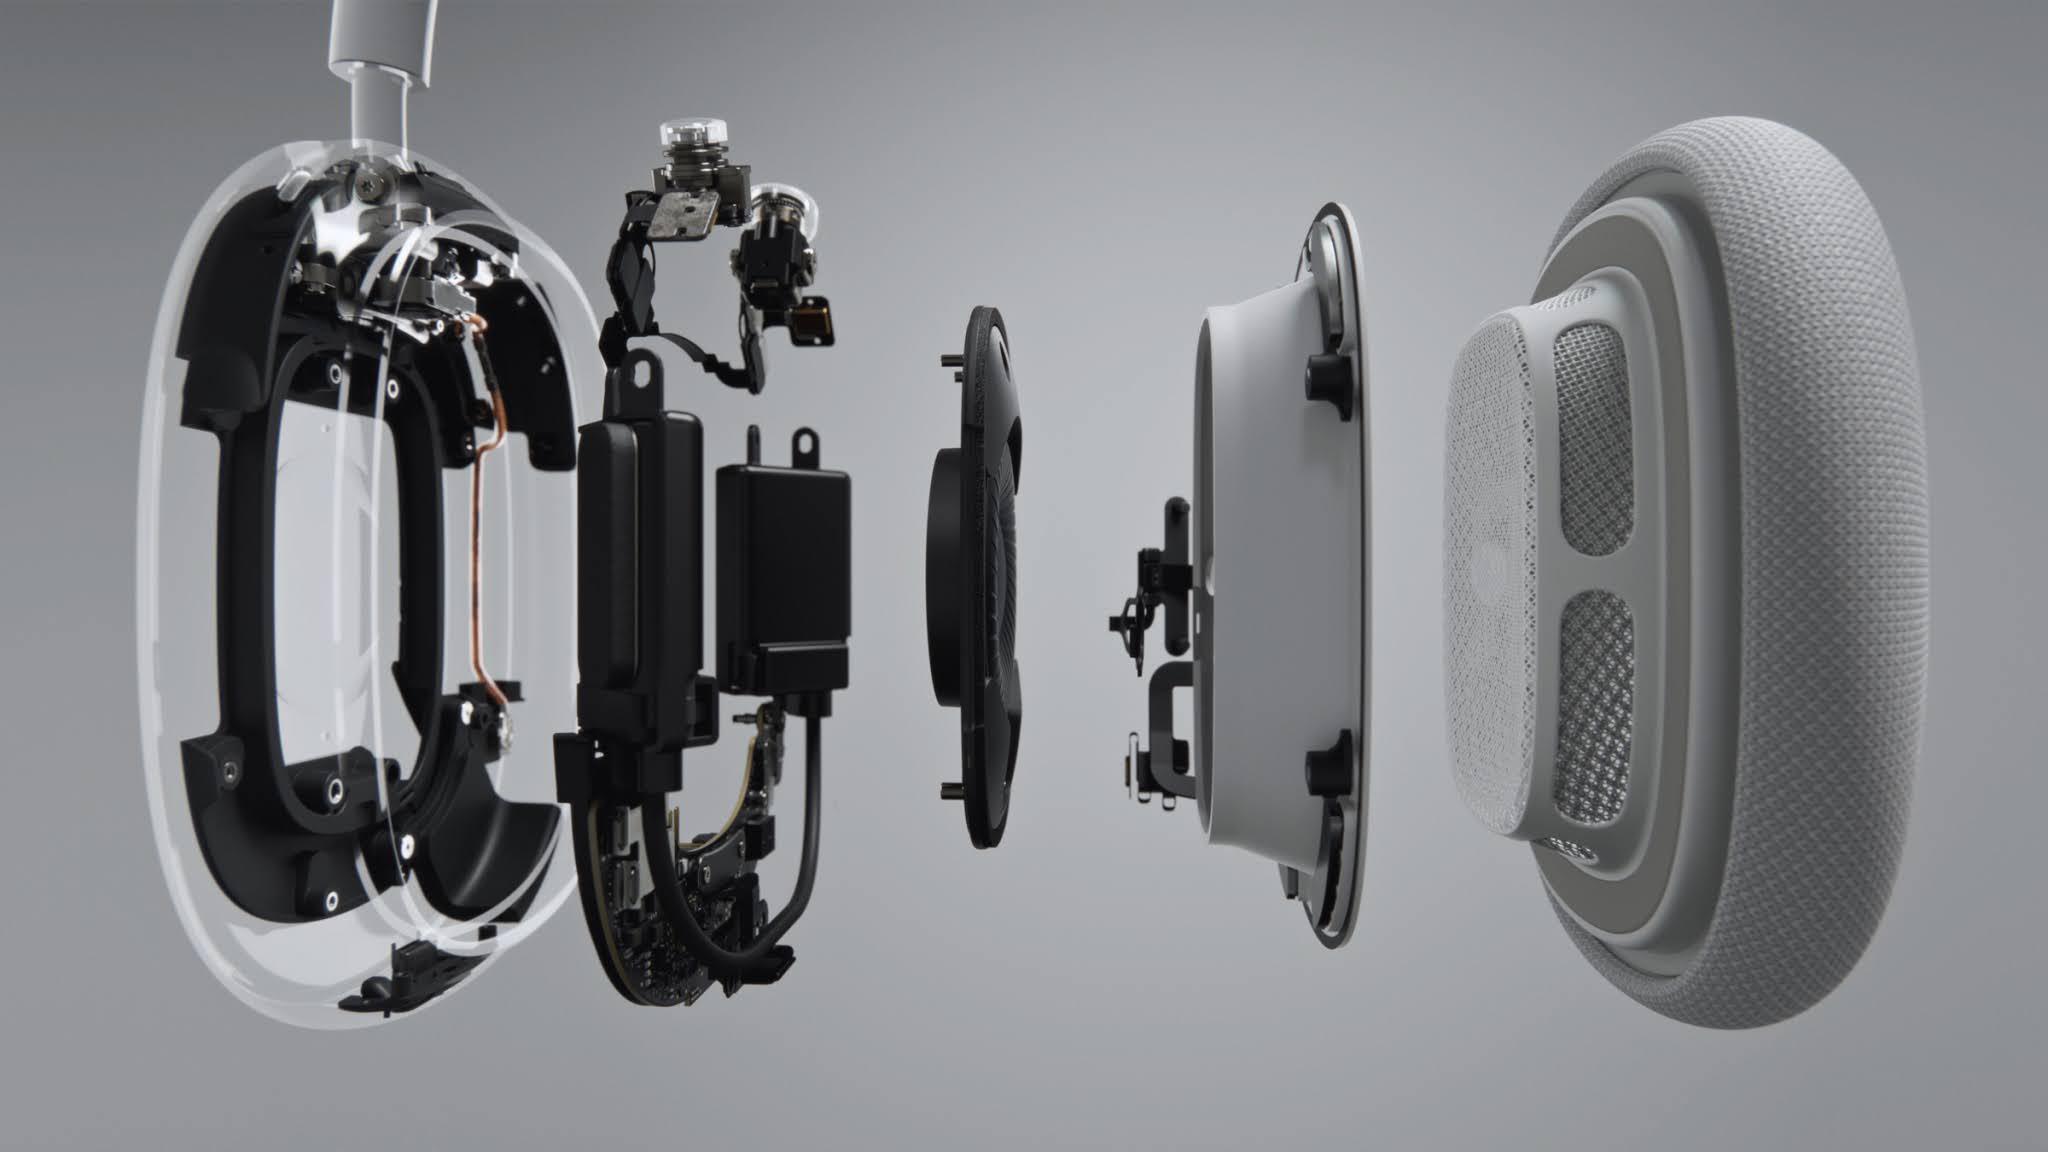 Nuovi Apple AirPods Max | Video